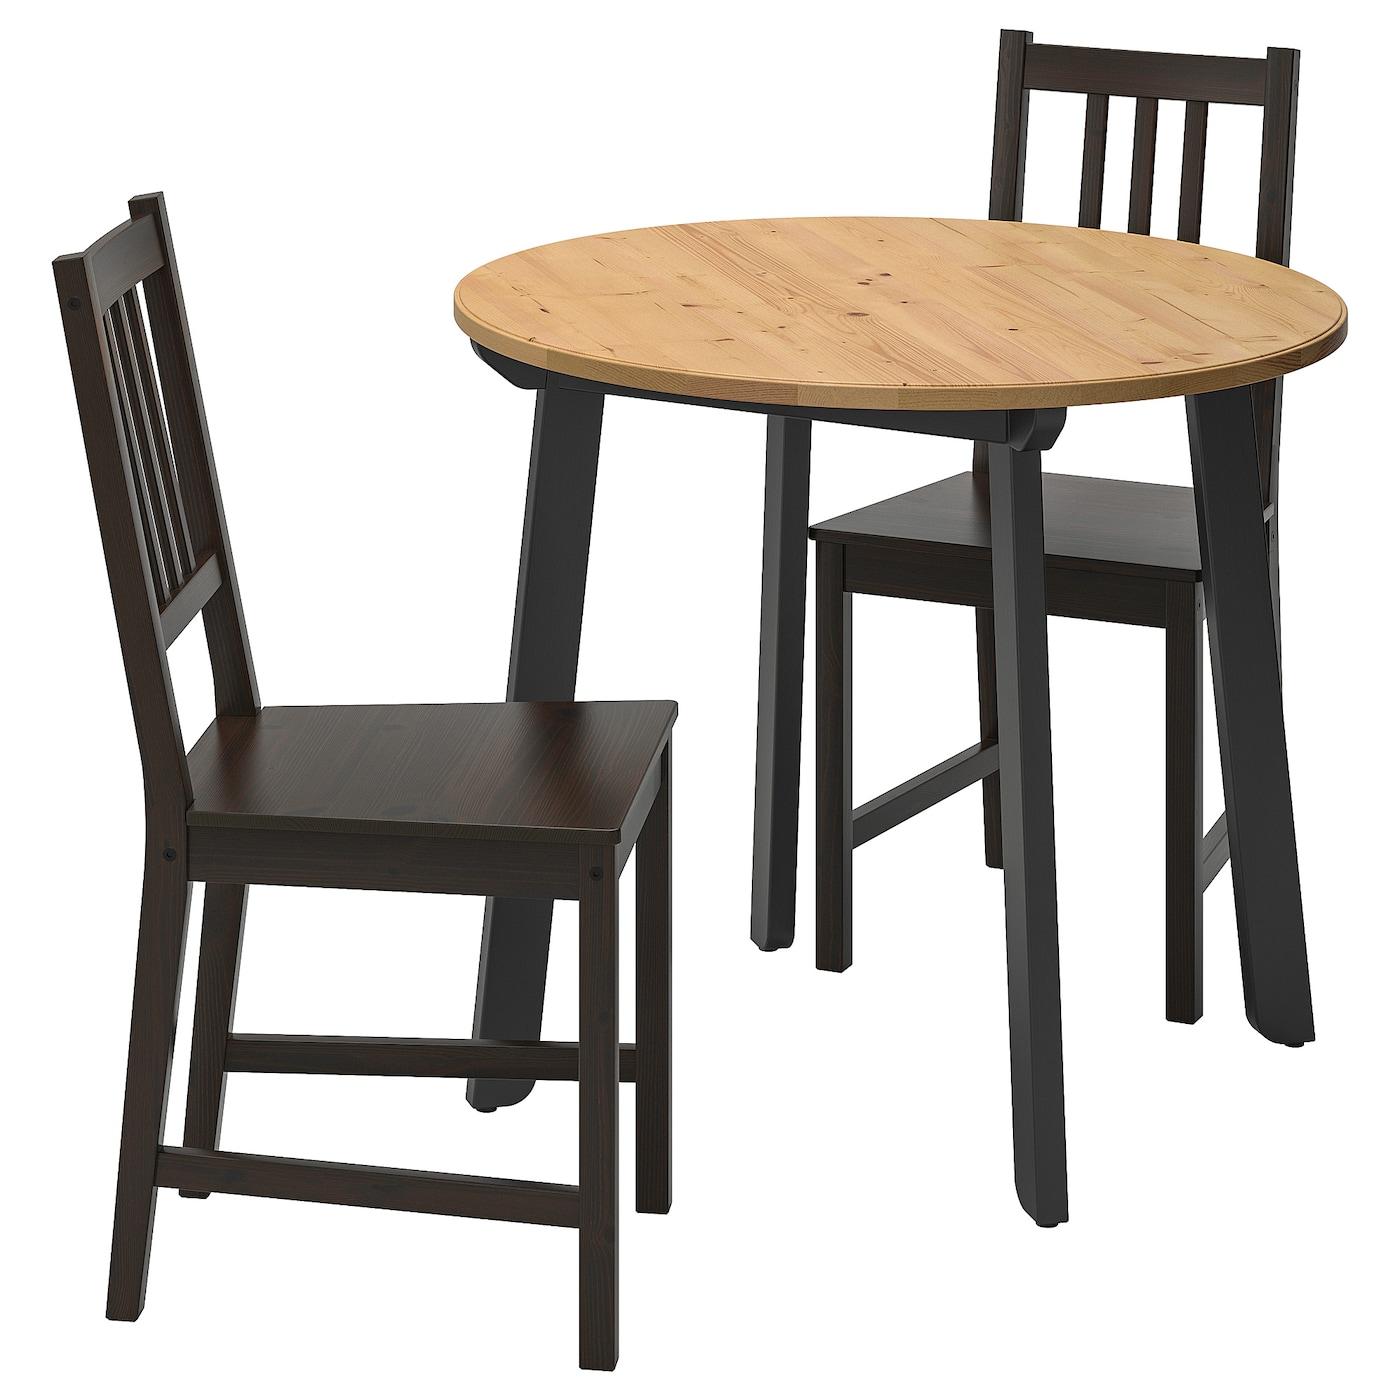 GAMLARED STEFAN Bord och 2 stolar ljus antikbetsbrunsvart 85 cm